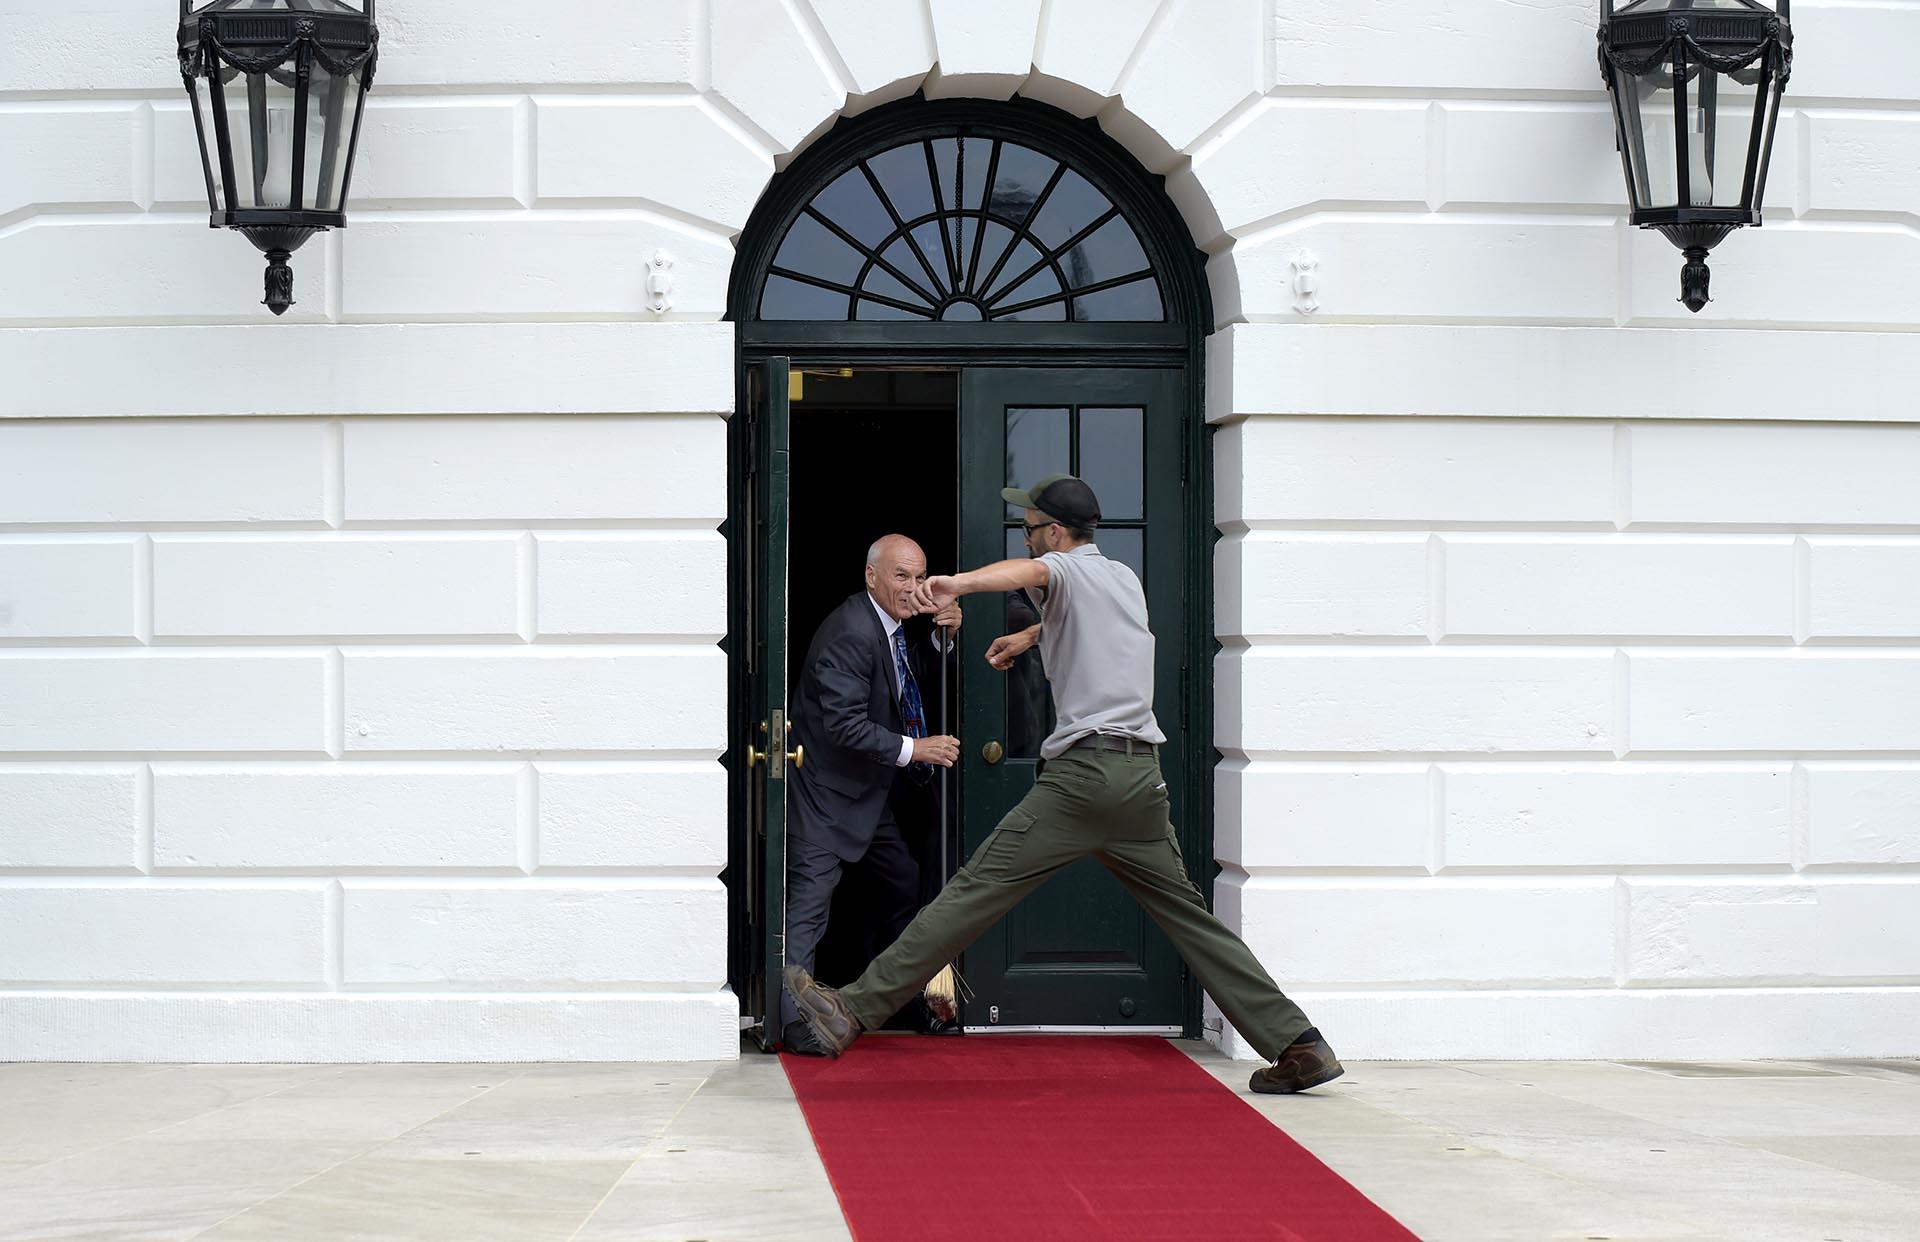 Un trabajador salta por encima de la alfombra roja en la Casa Blanca, antes del encuentroentre elpresidente de Estados Unidos, Donald Trump, y el máximo mandatario de Panamá, Juan Carlos Varela, en Washington, Estados Unidos